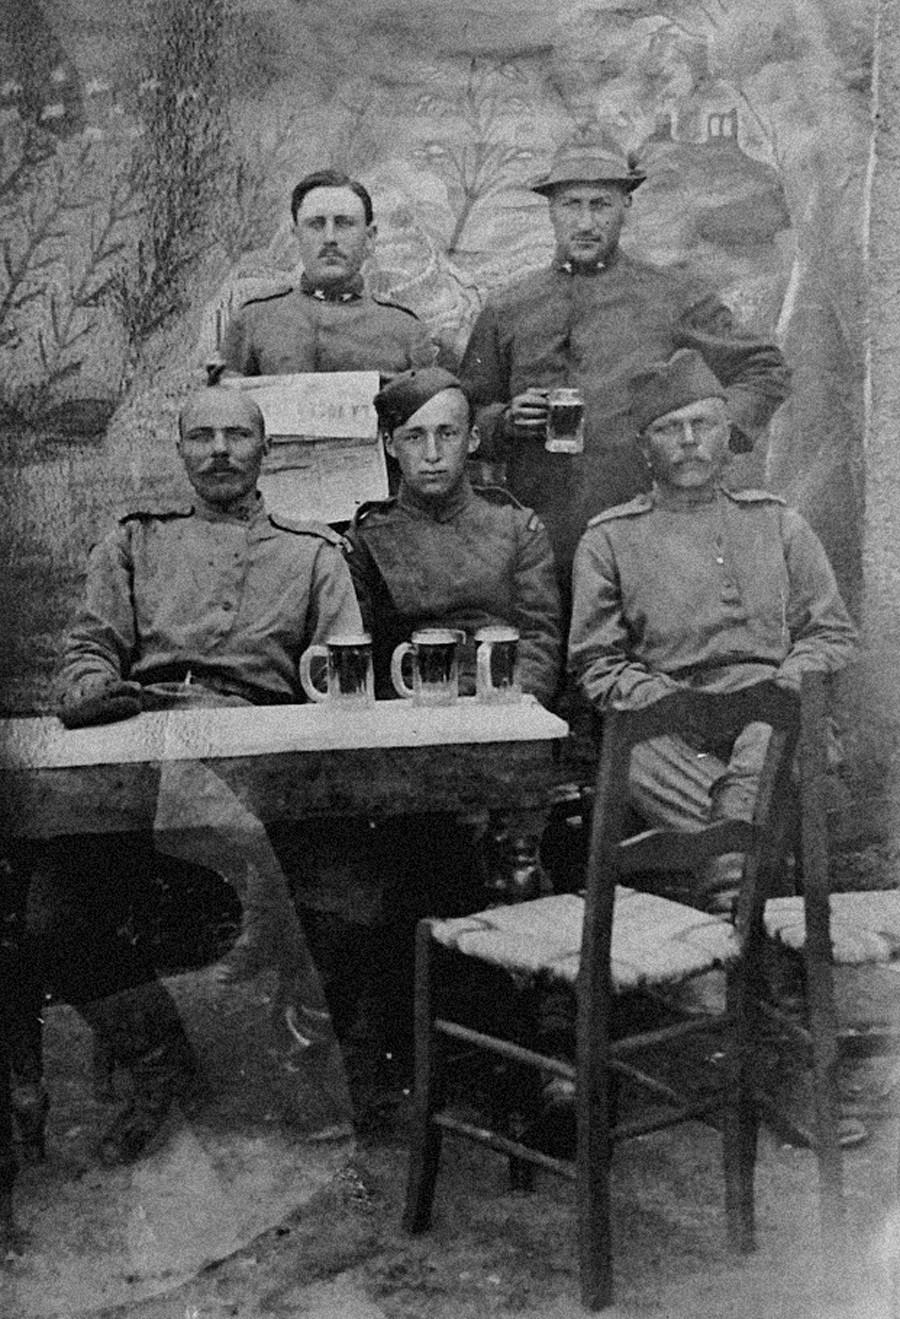 Русский, французский, американский, итальянский и сербский солдаты пьют пиво, 1917